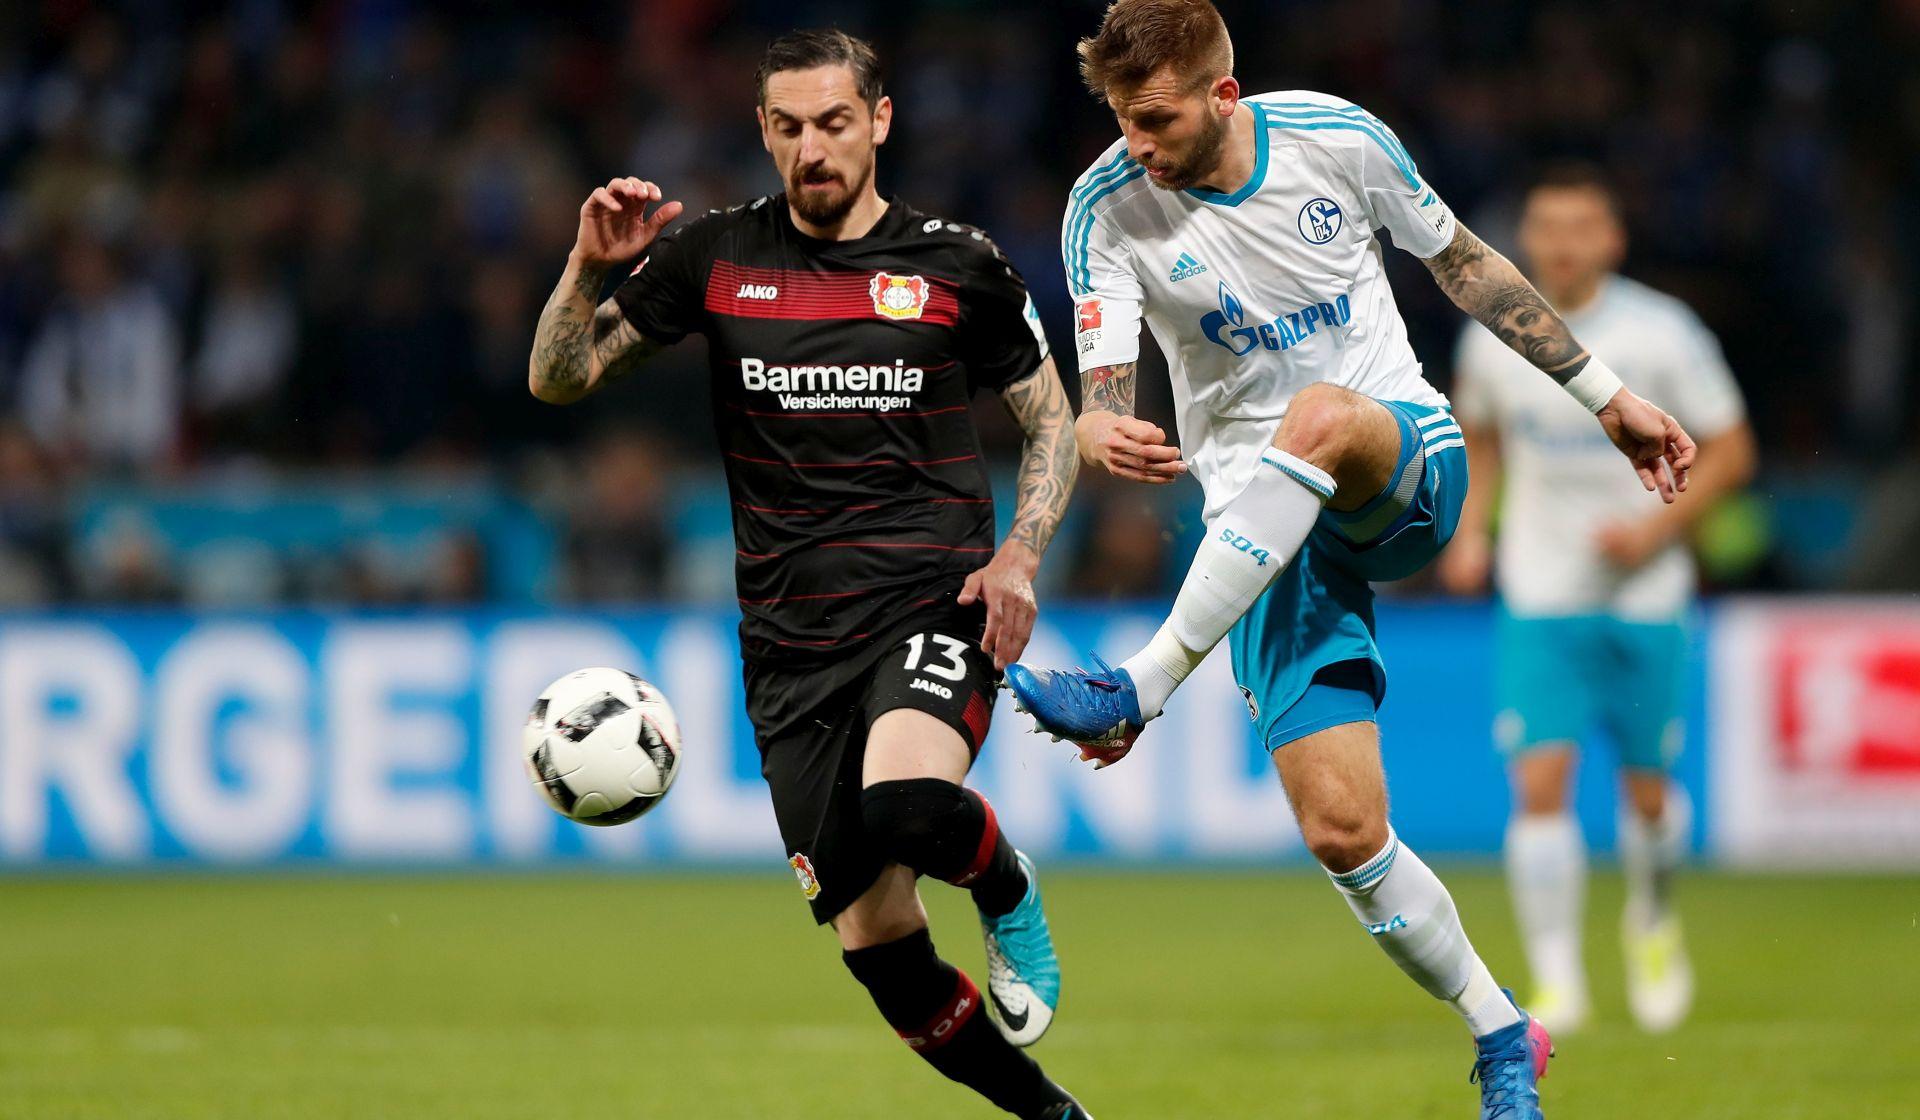 NJEMAČKA Schalke uvjerljiv u Leverkusenu